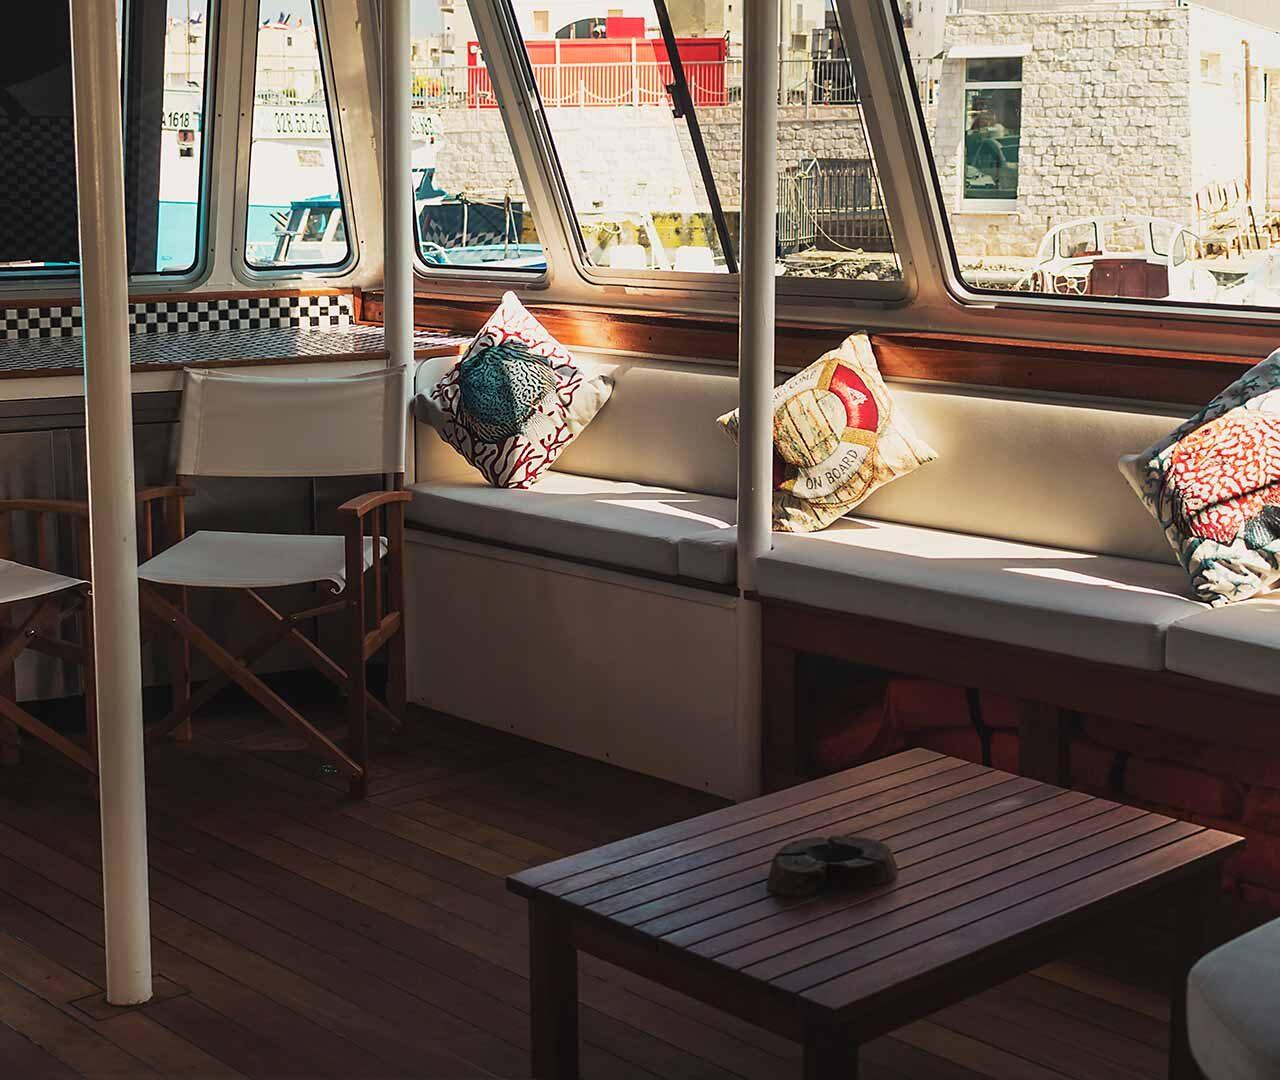 catamarano-raptus-seaward-noleggio-monopoli